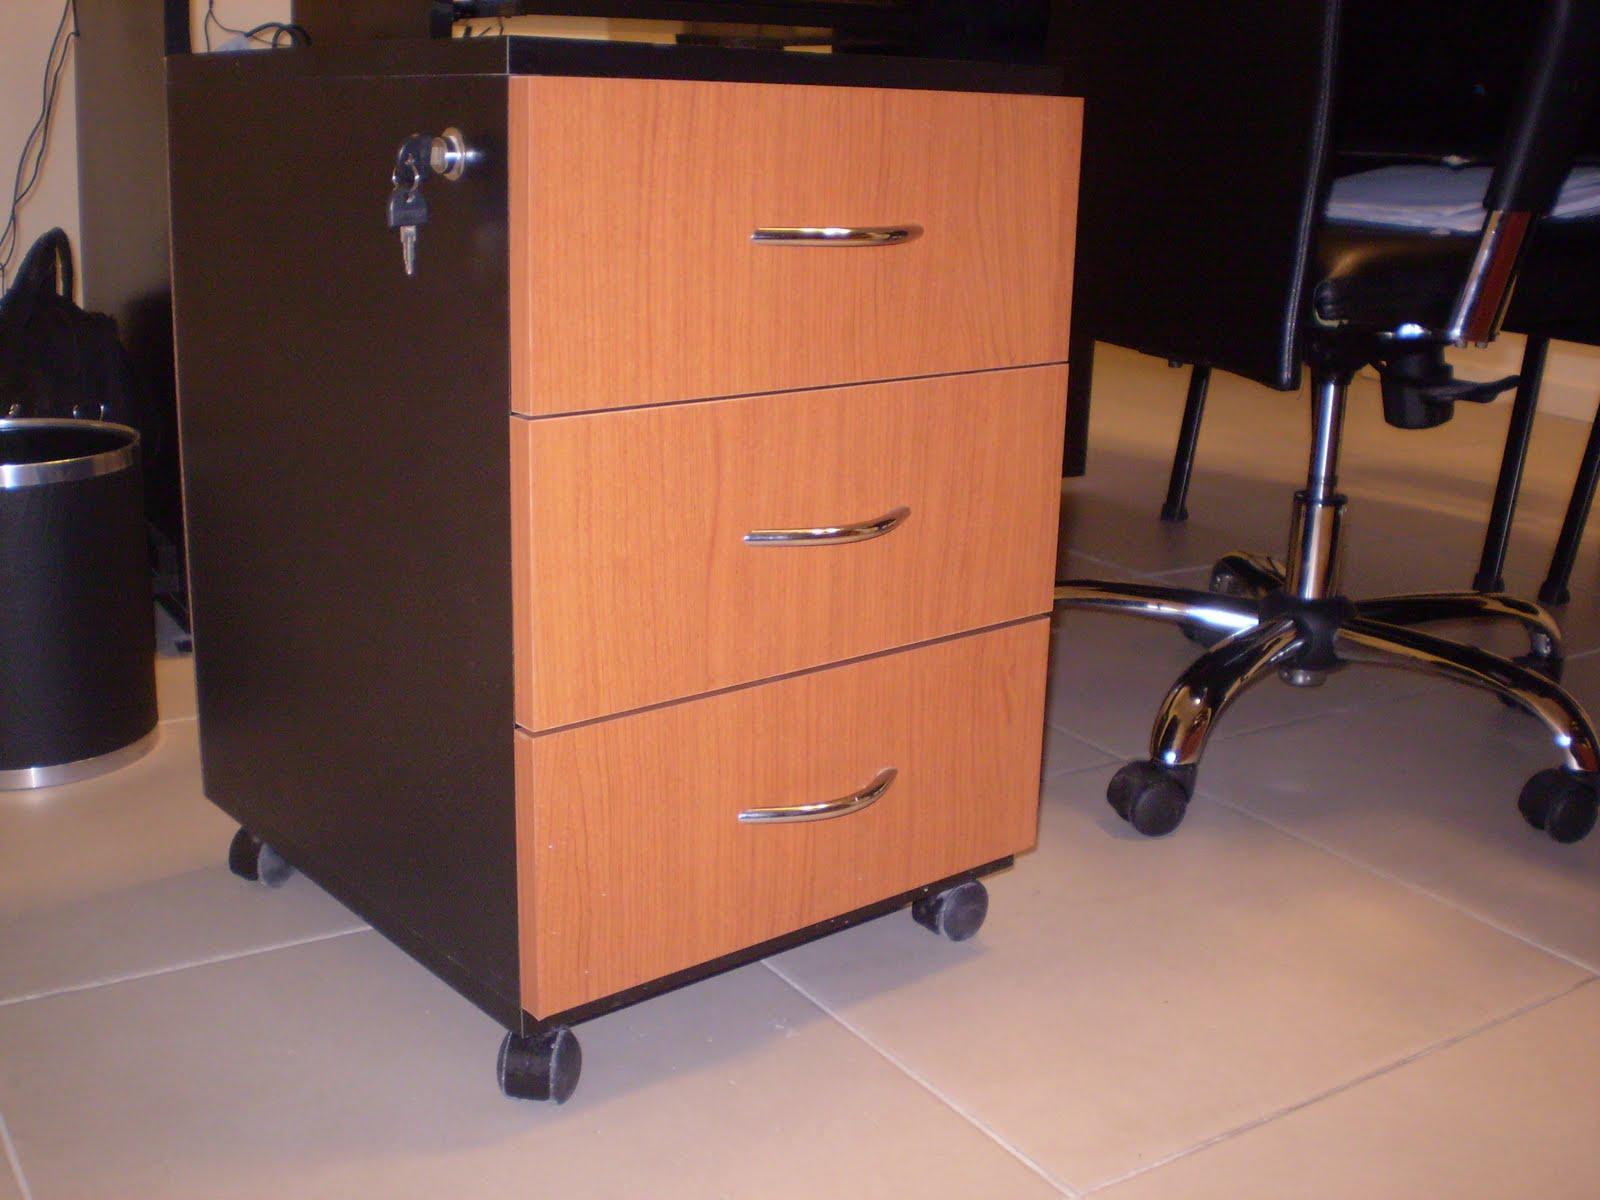 Tecnomodul di ciano hnos amoblamientos de oficina tecnomodul for Amoblamientos para oficina